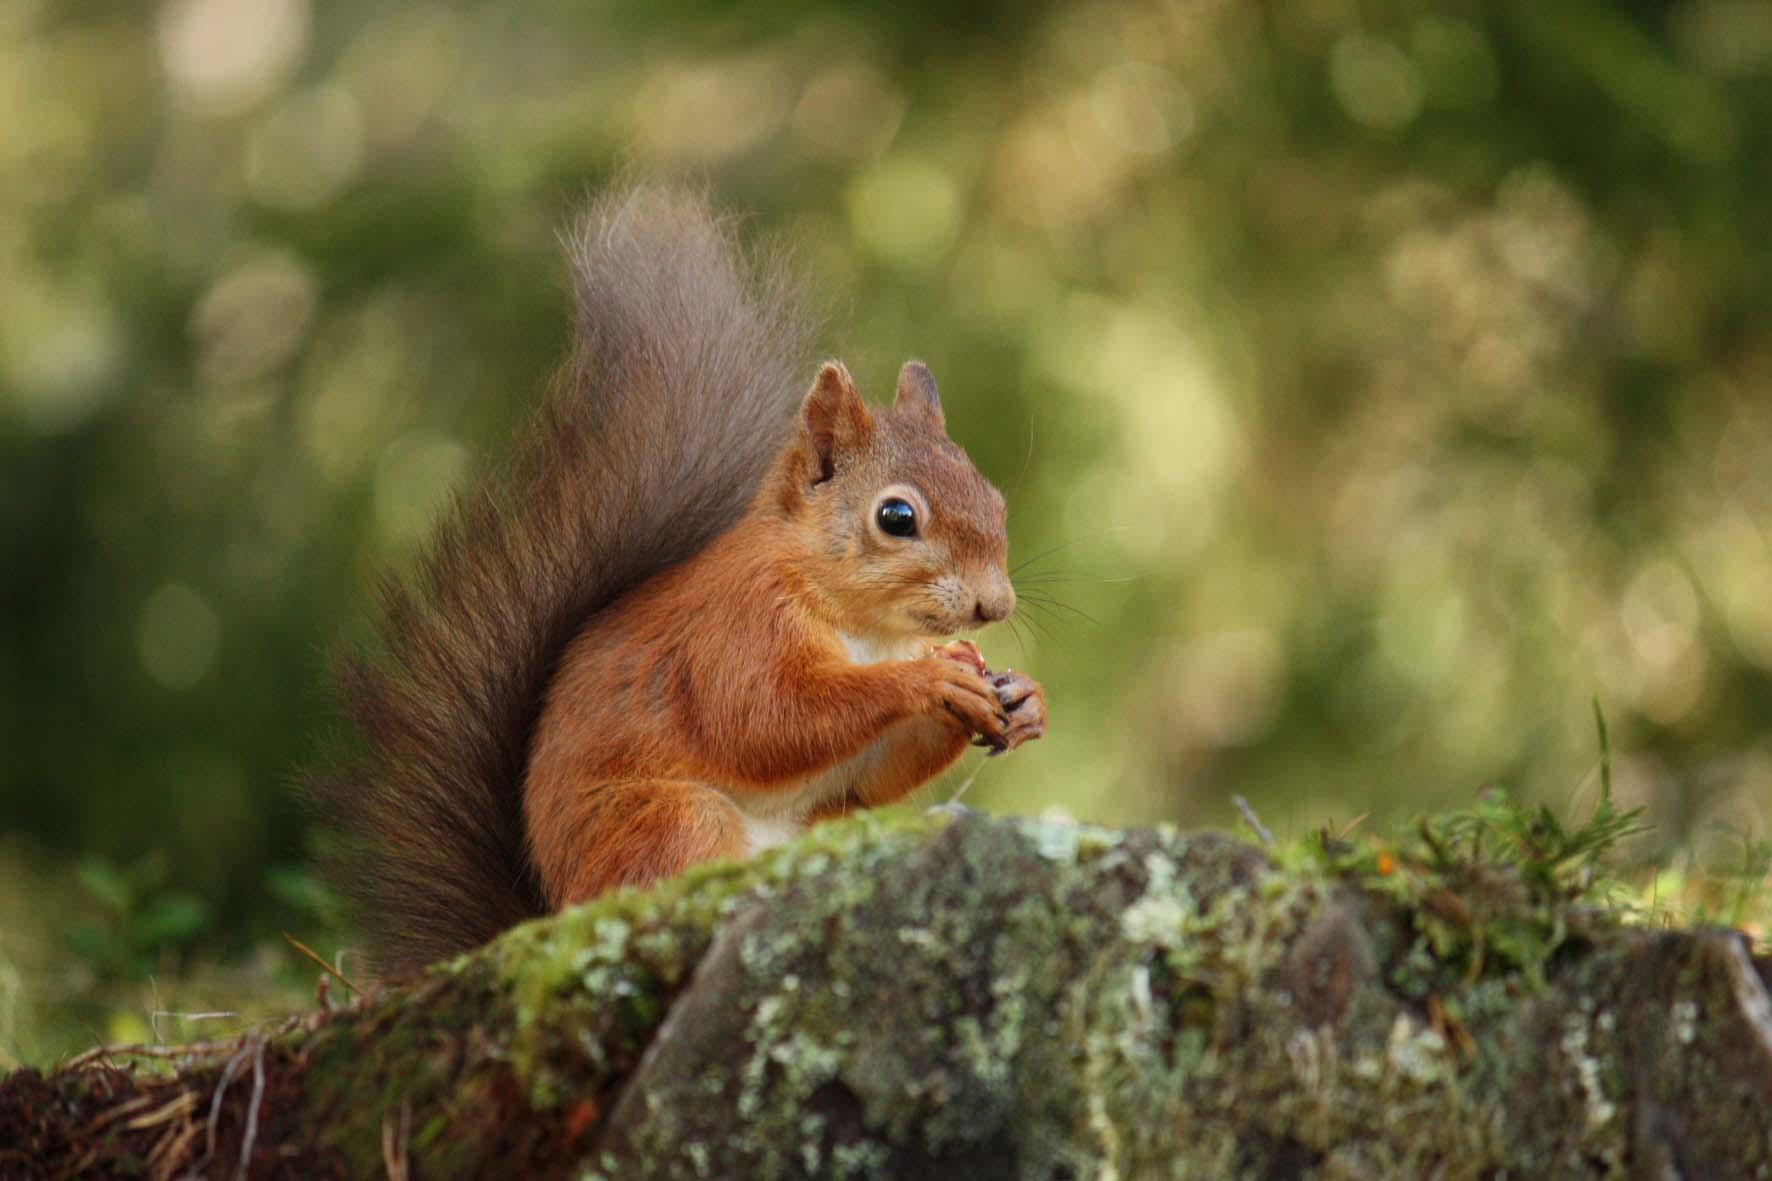 <b>Red Squirrels</b>